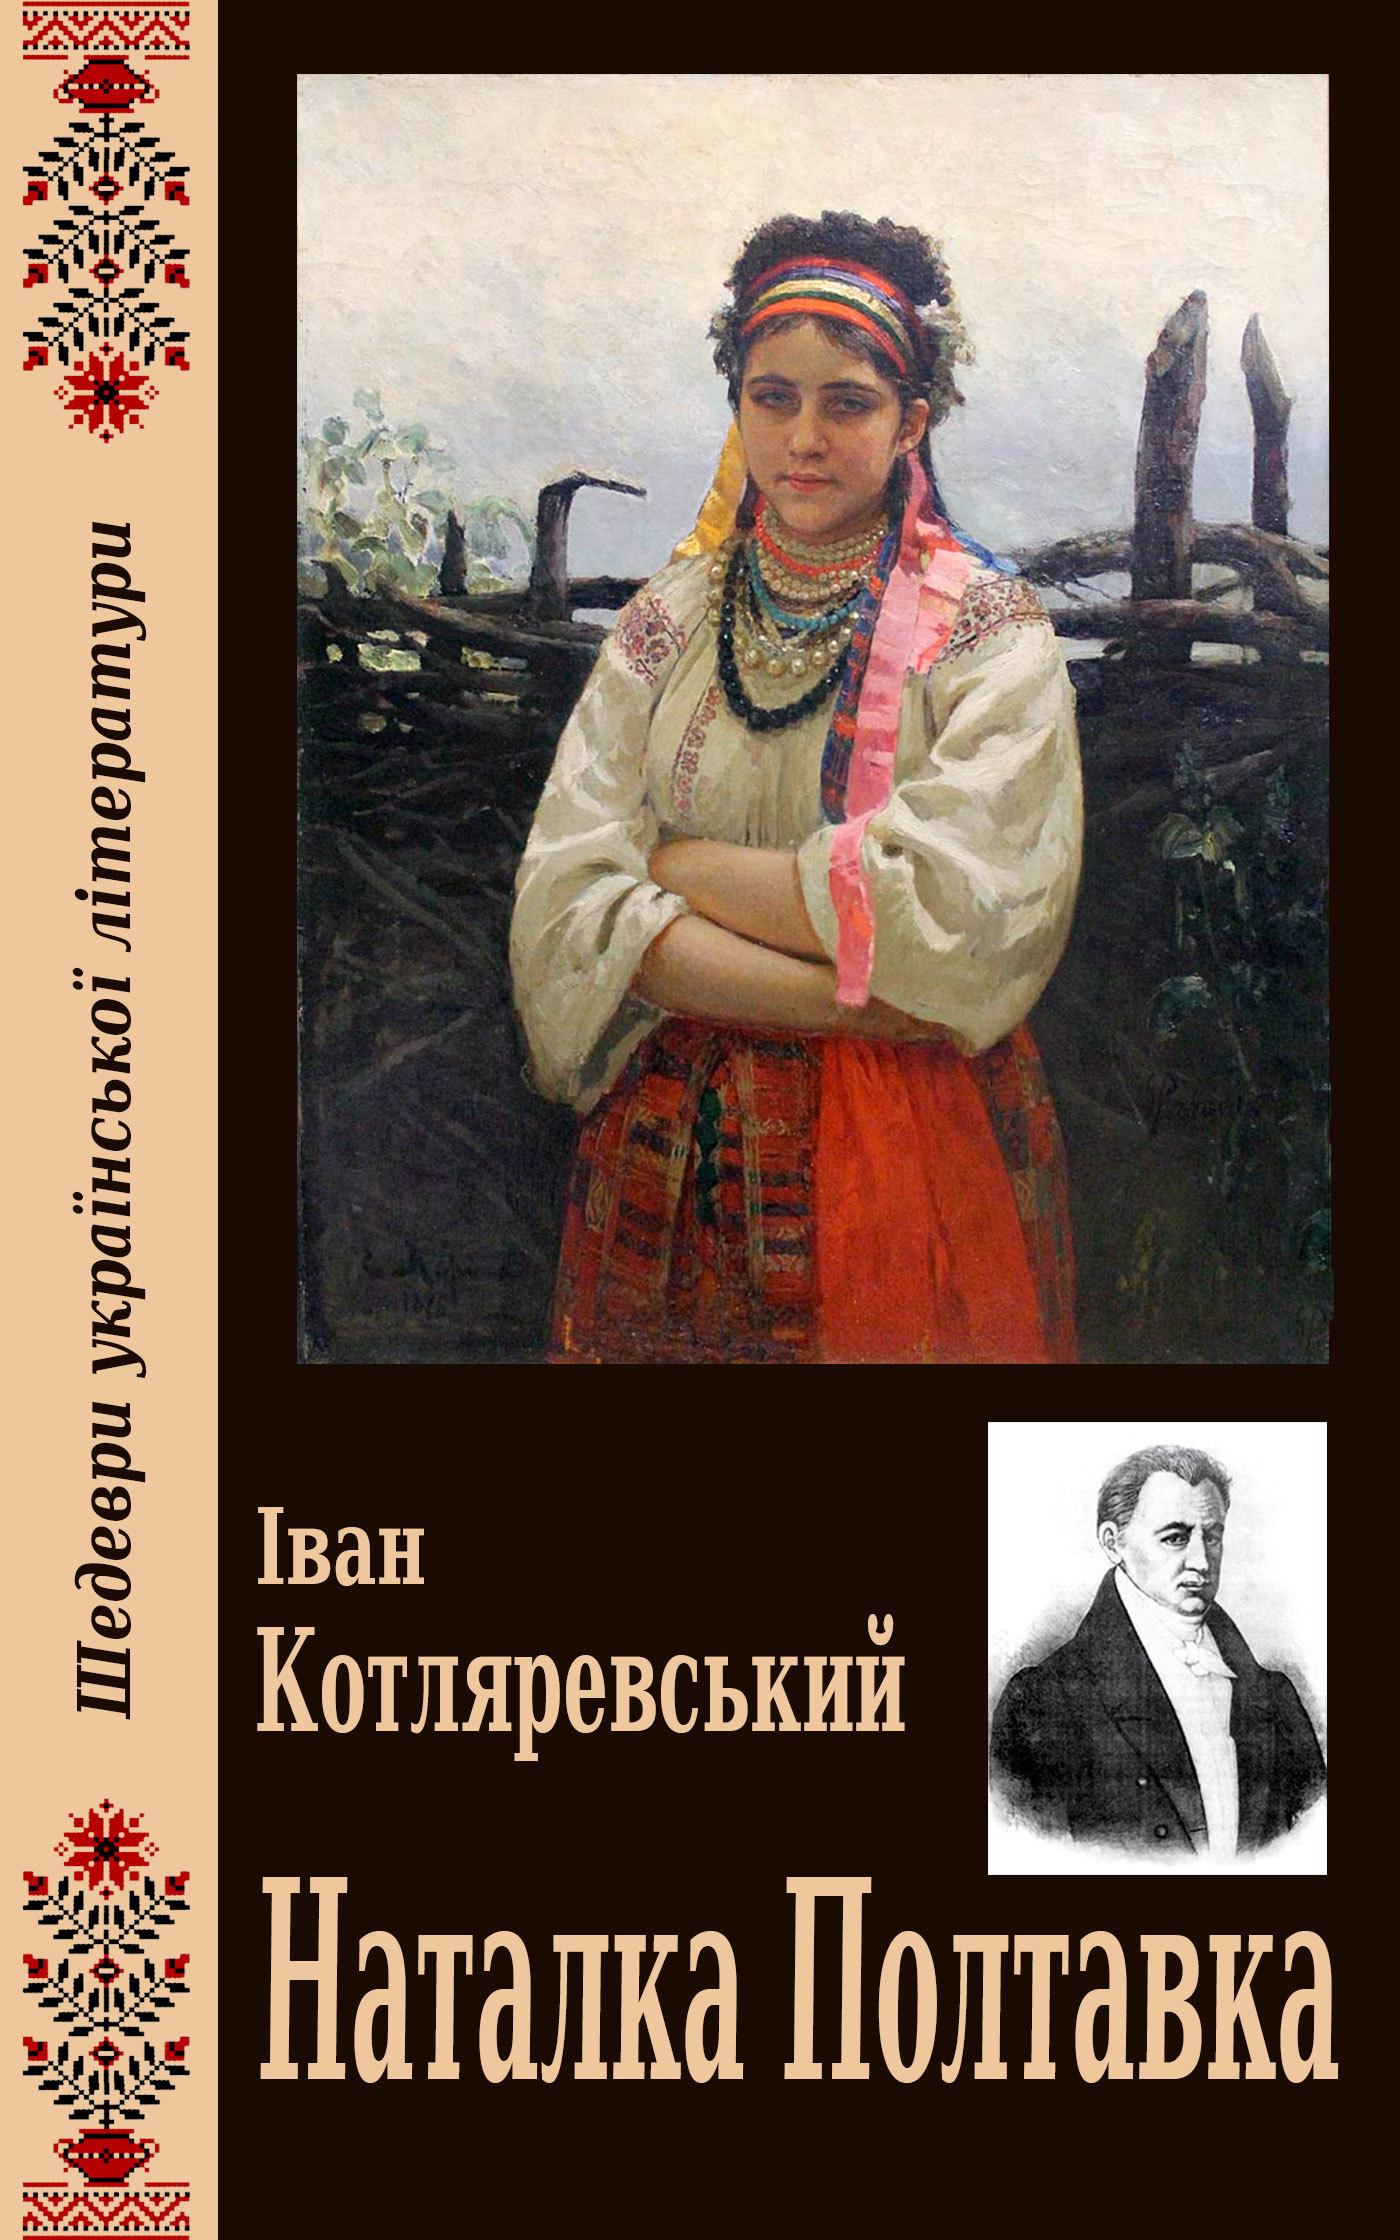 Іван Котляревський Наталка Полтавка